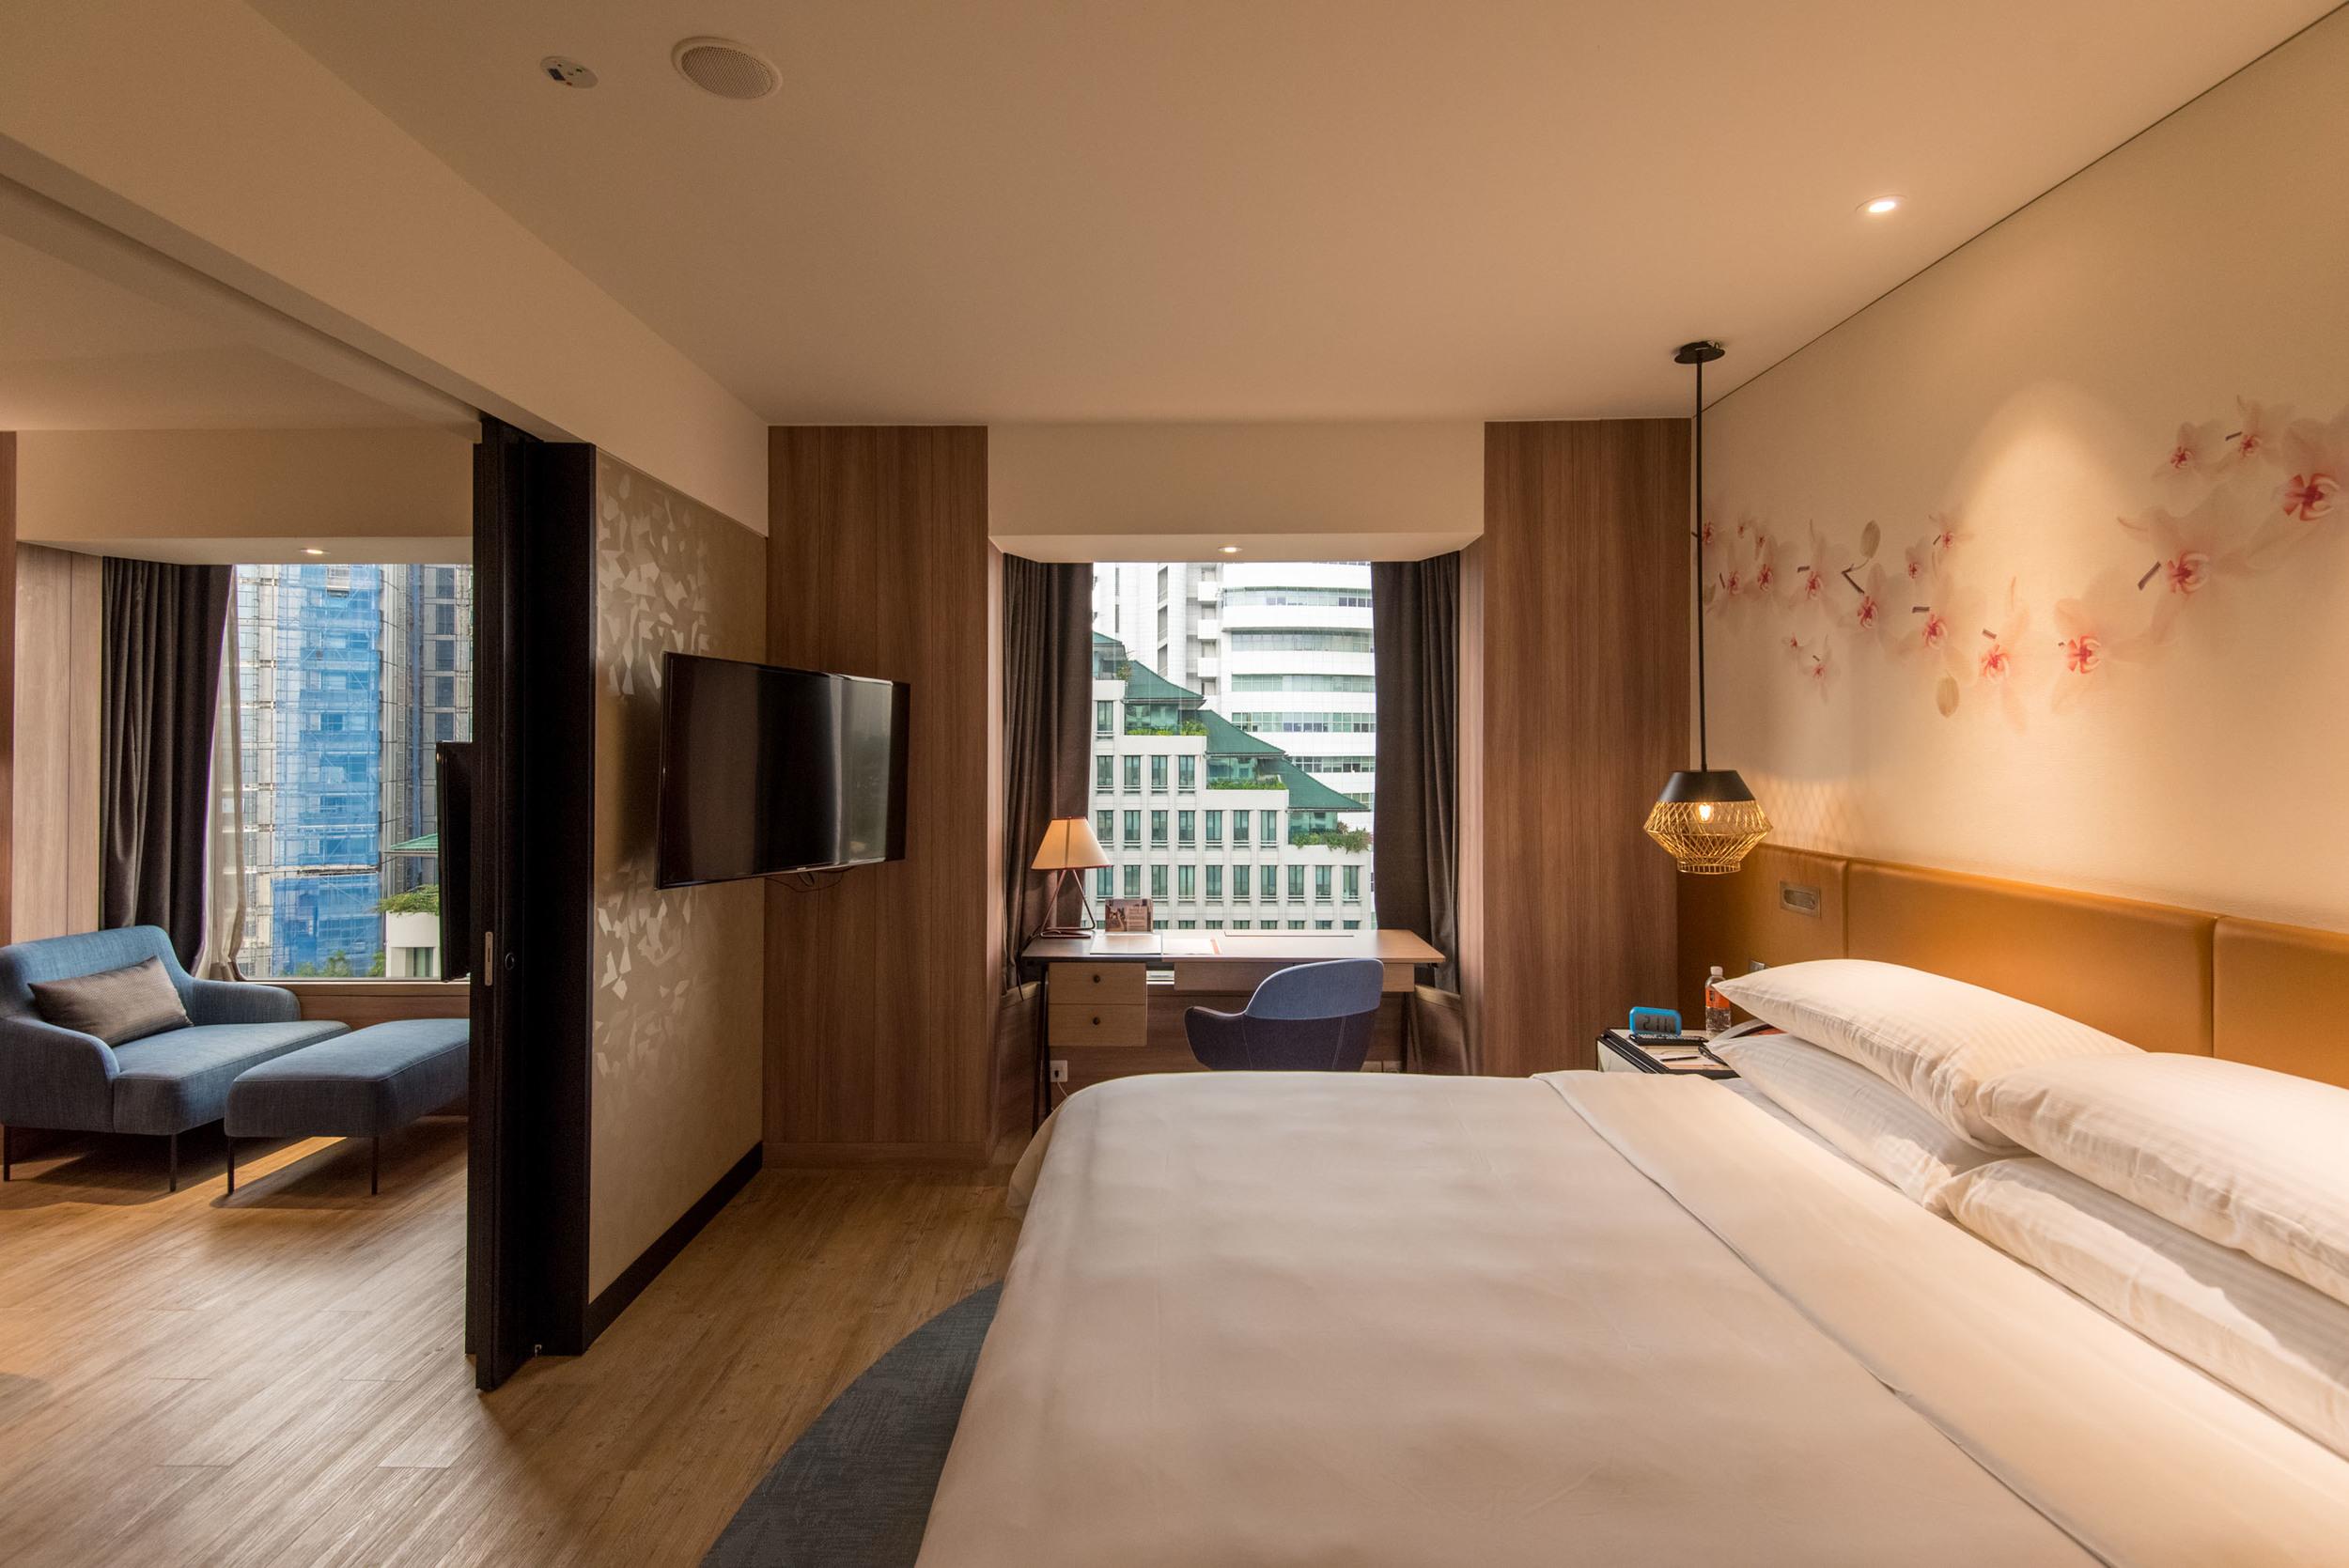 Executive Suite - Bedroom  Hotel Jen Tanglin Singapore